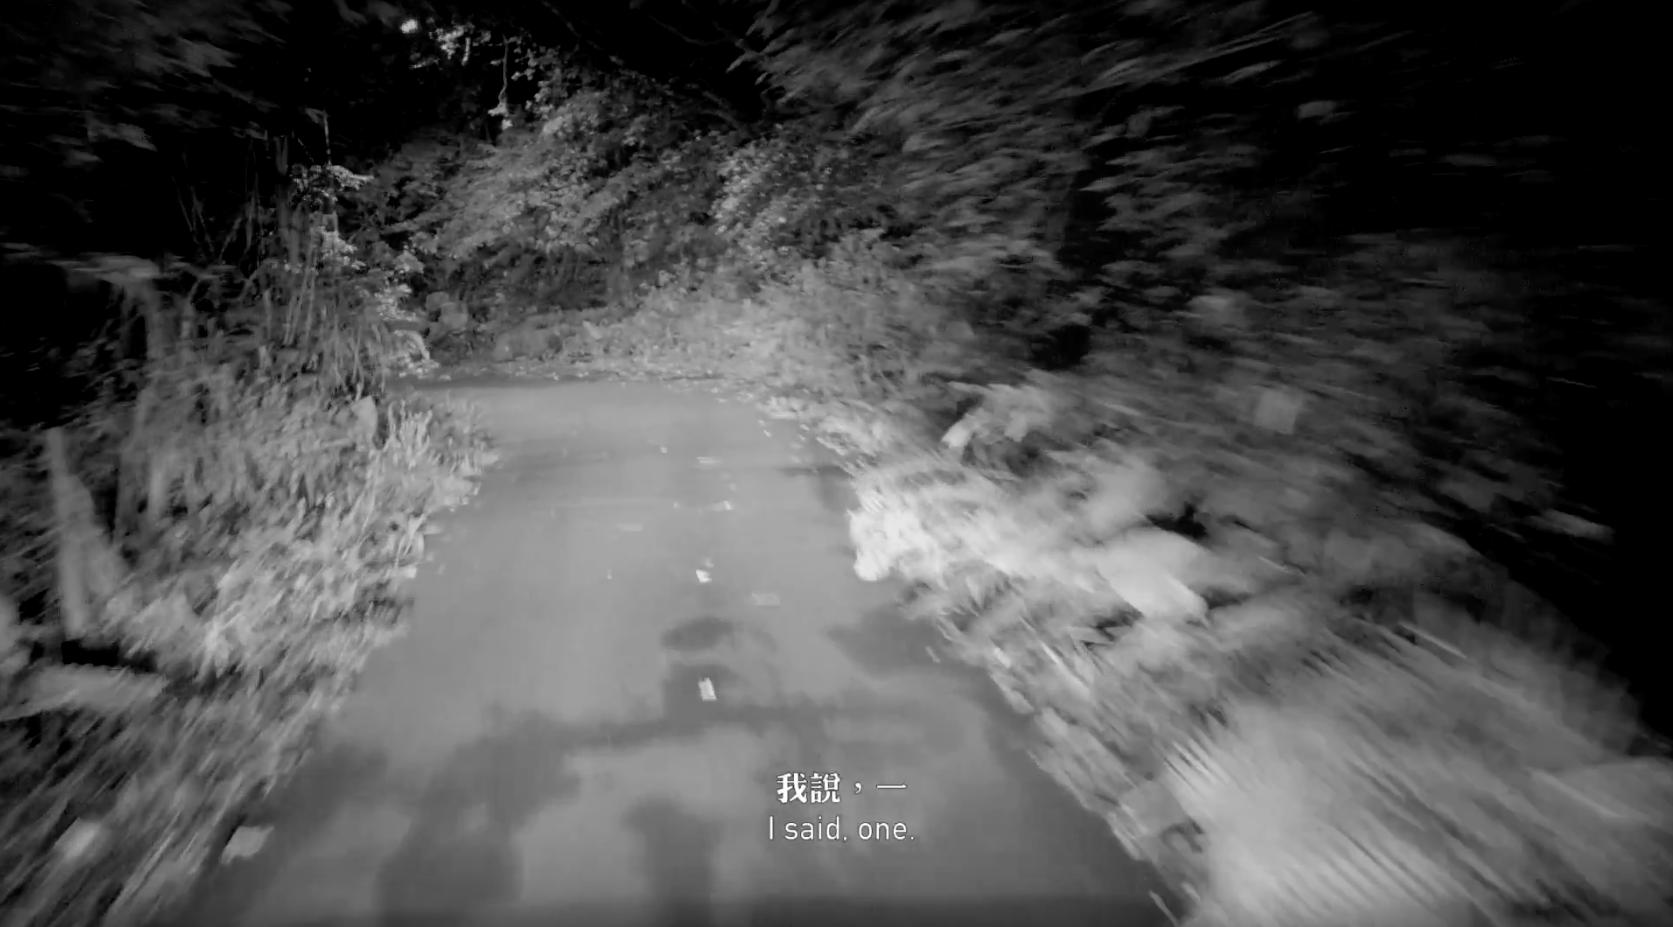 Screen Shot 2018-03-07 at 5.38.58 PM.png